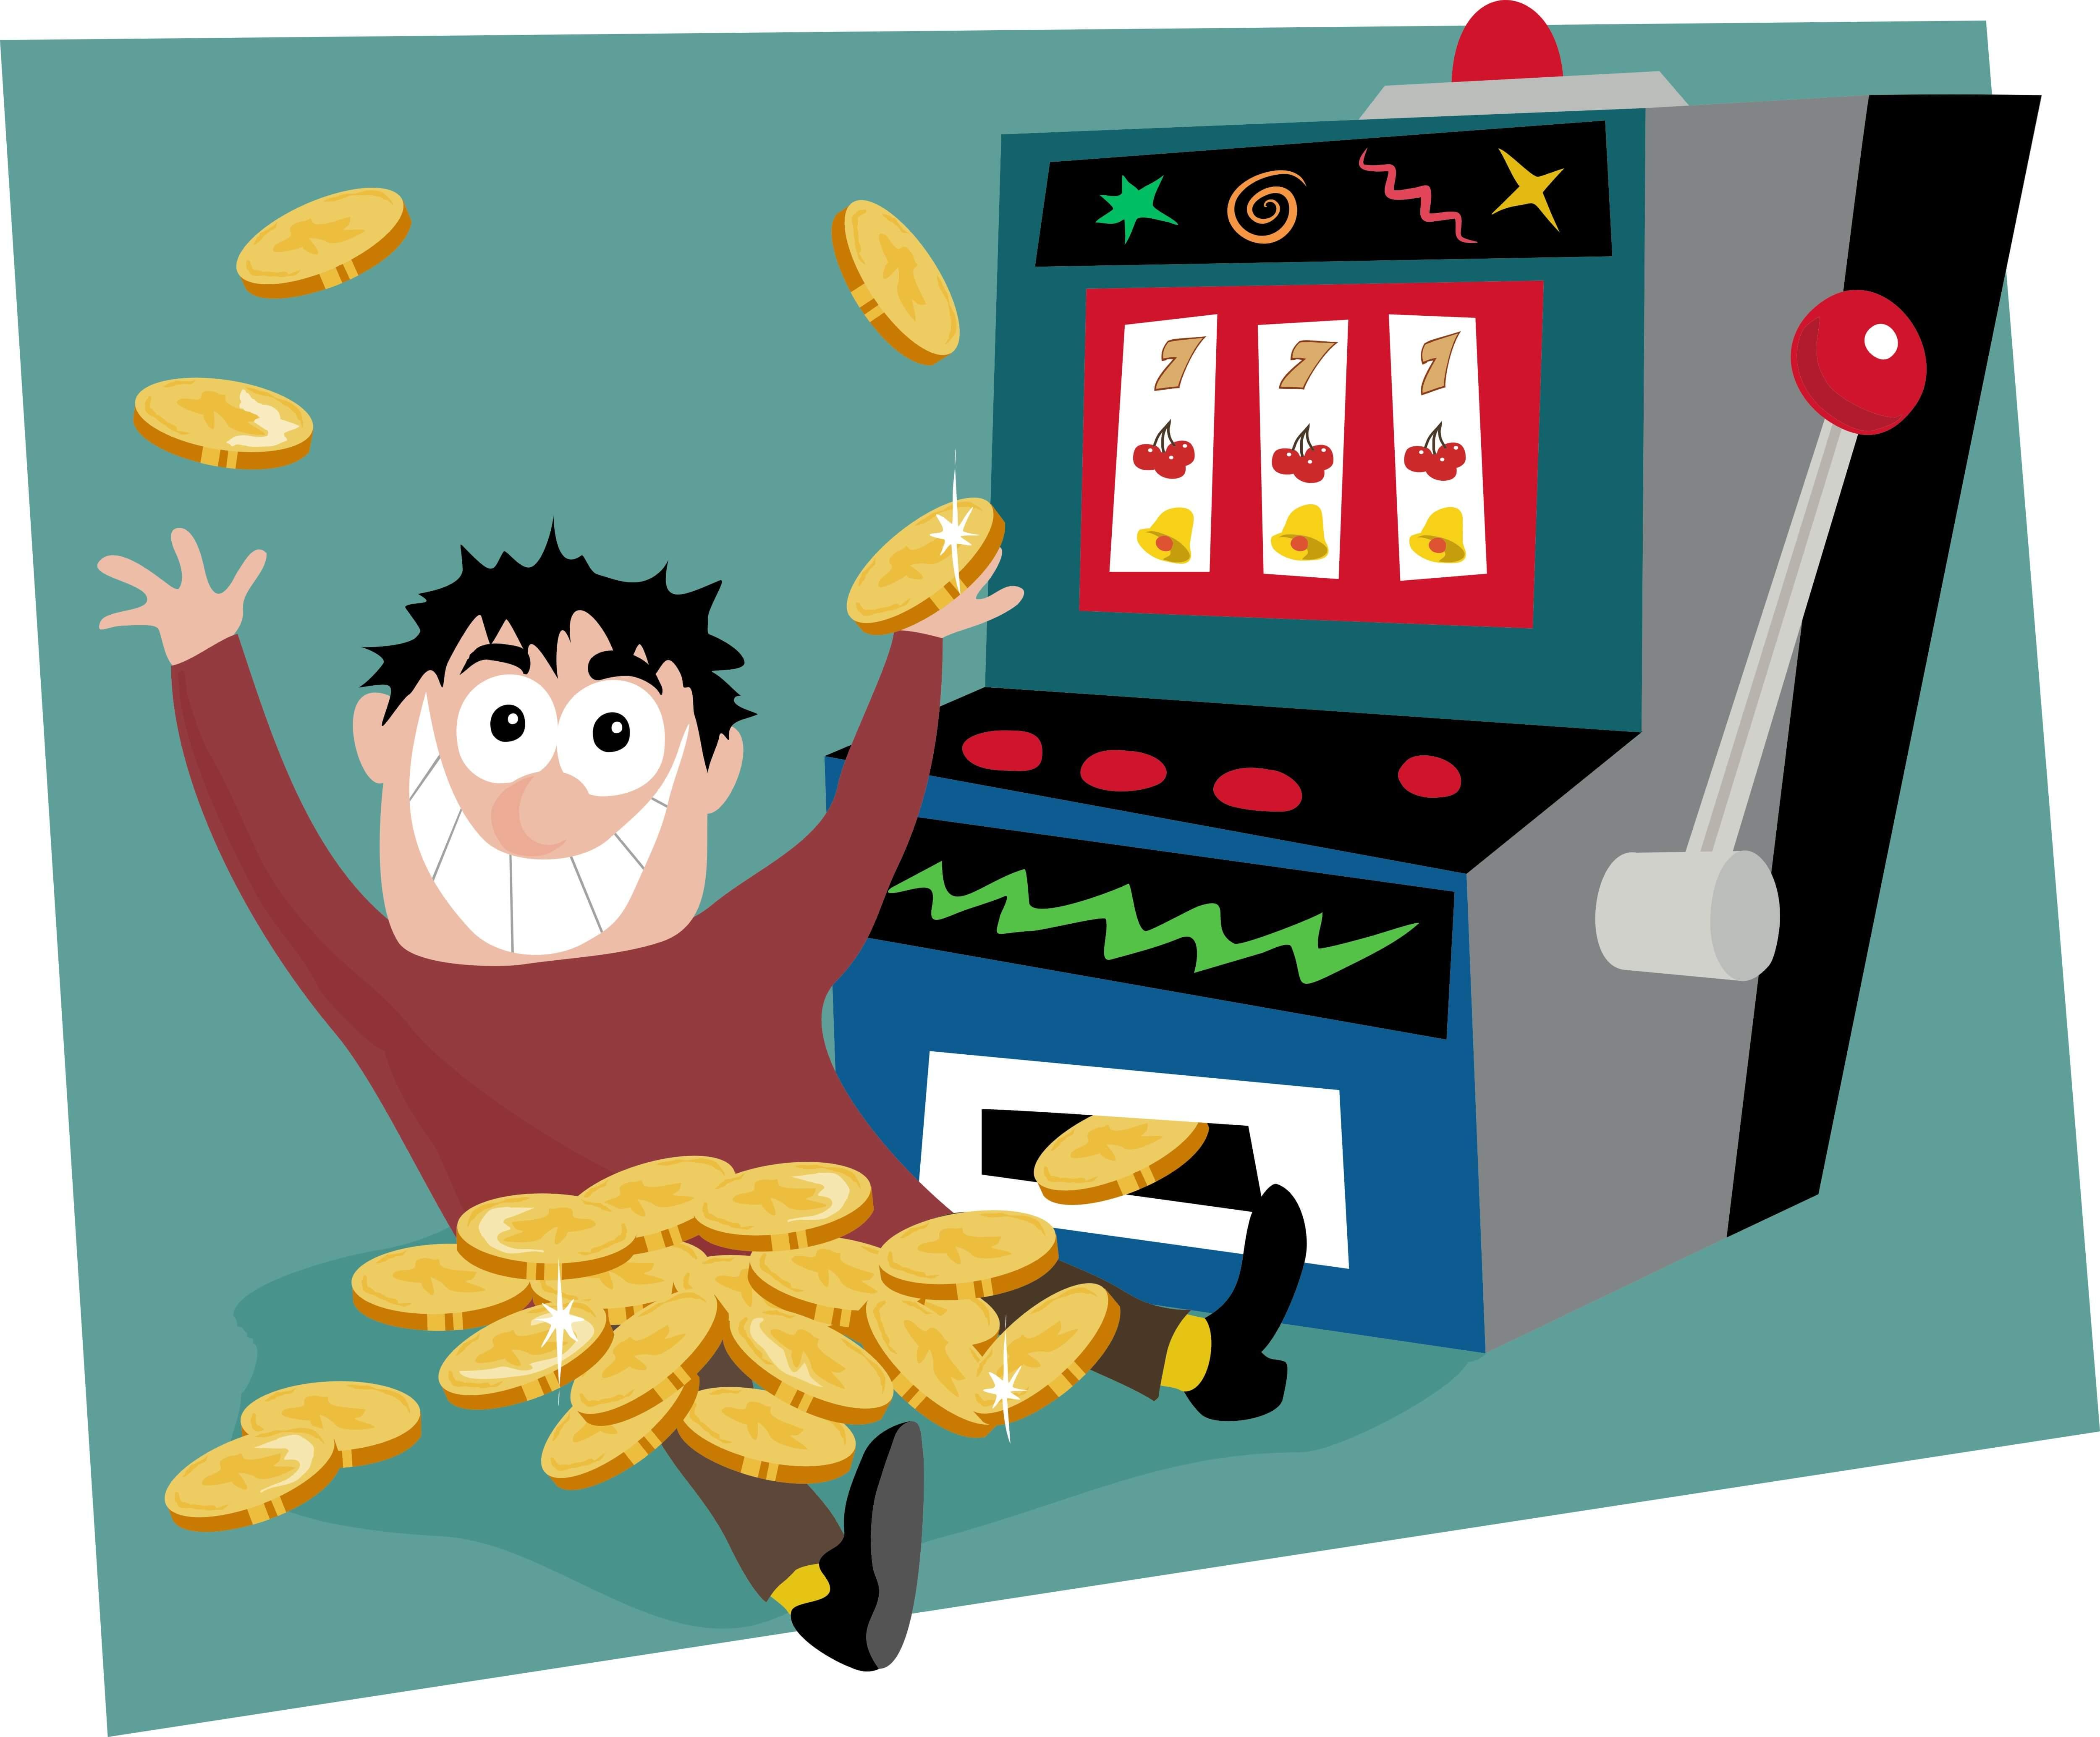 Premios de dinero real en las tragaperras